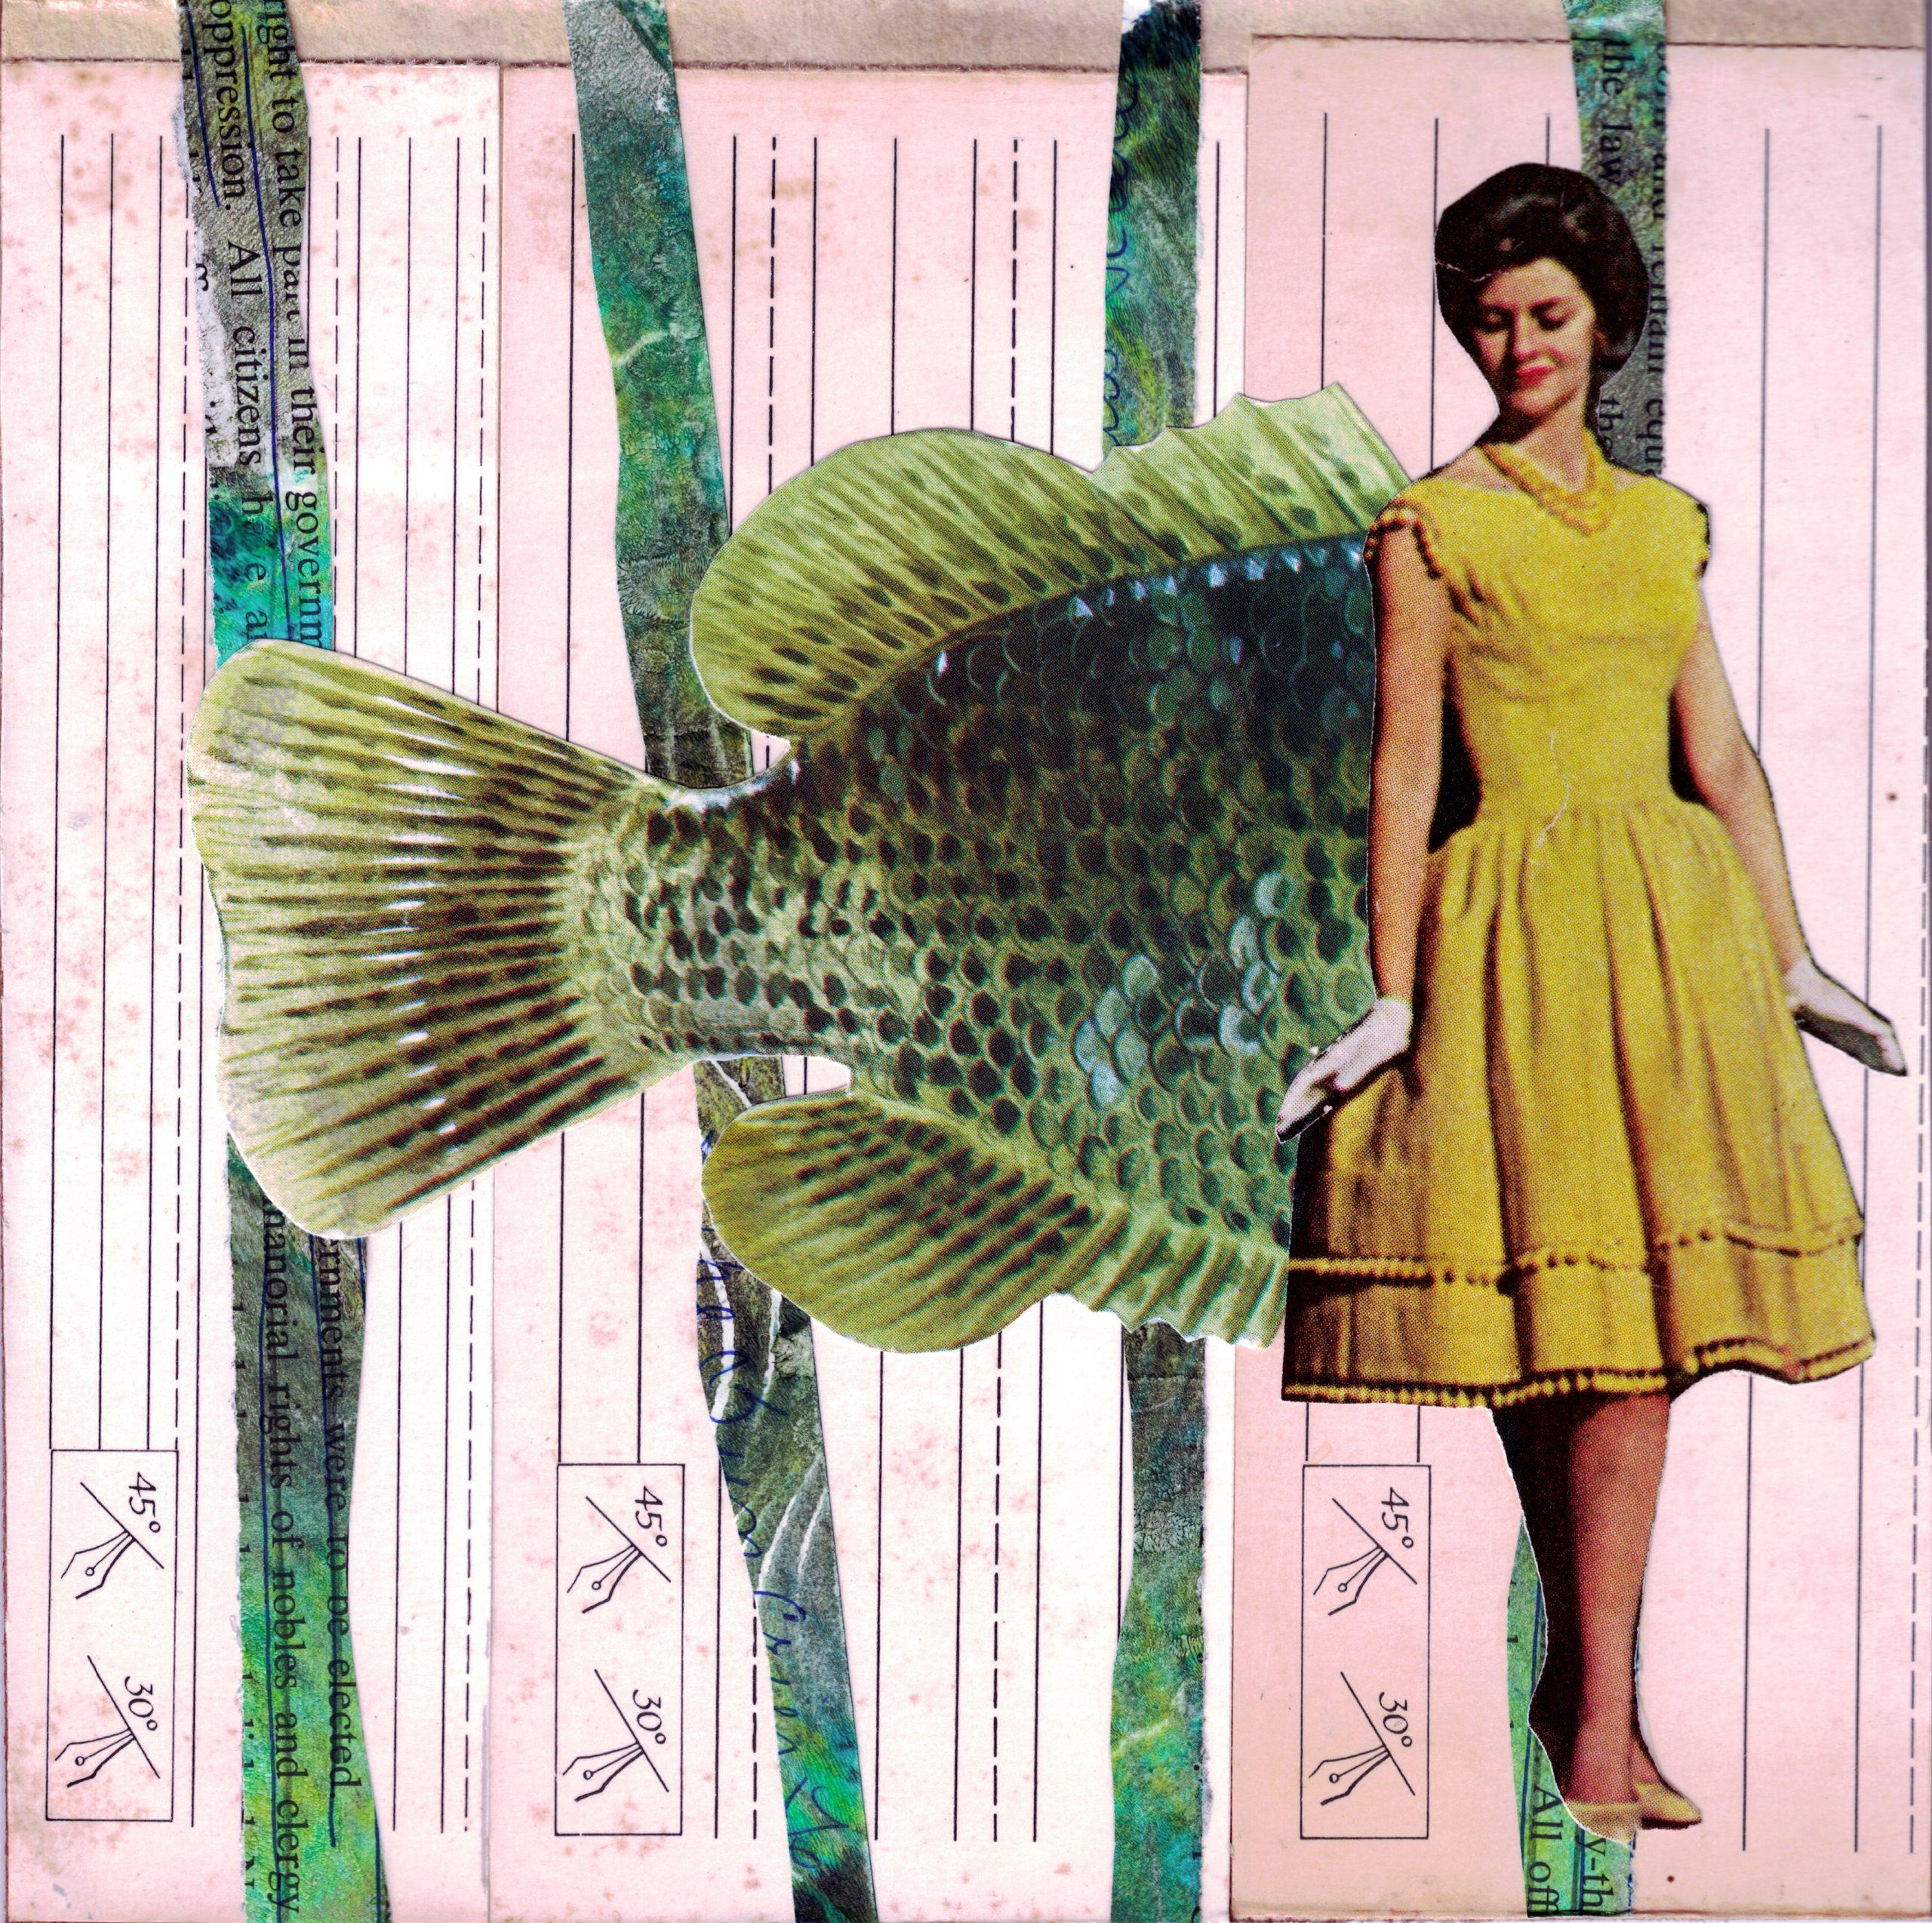 Fish Tales #1